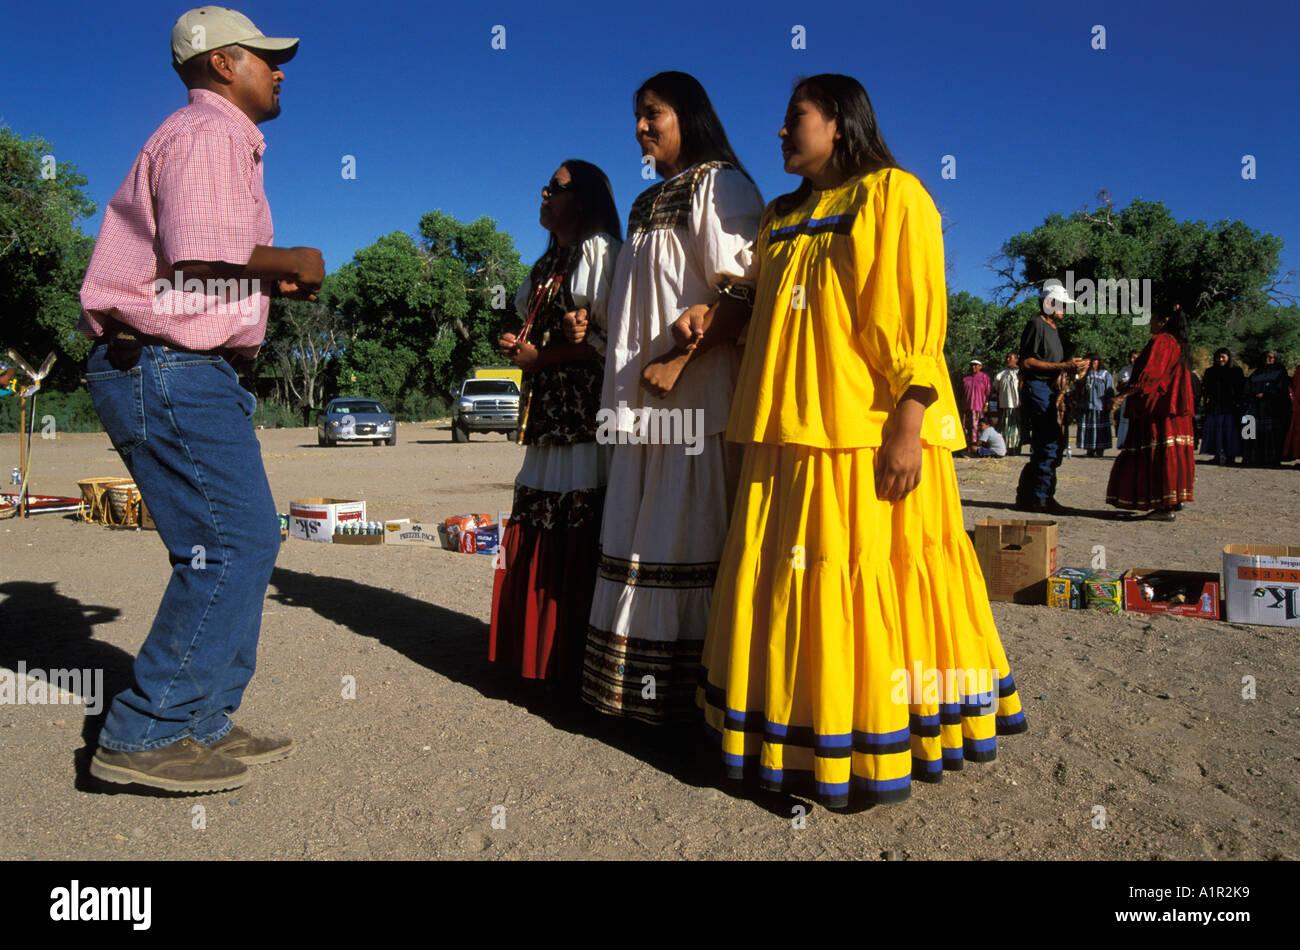 Group Usa Dresses